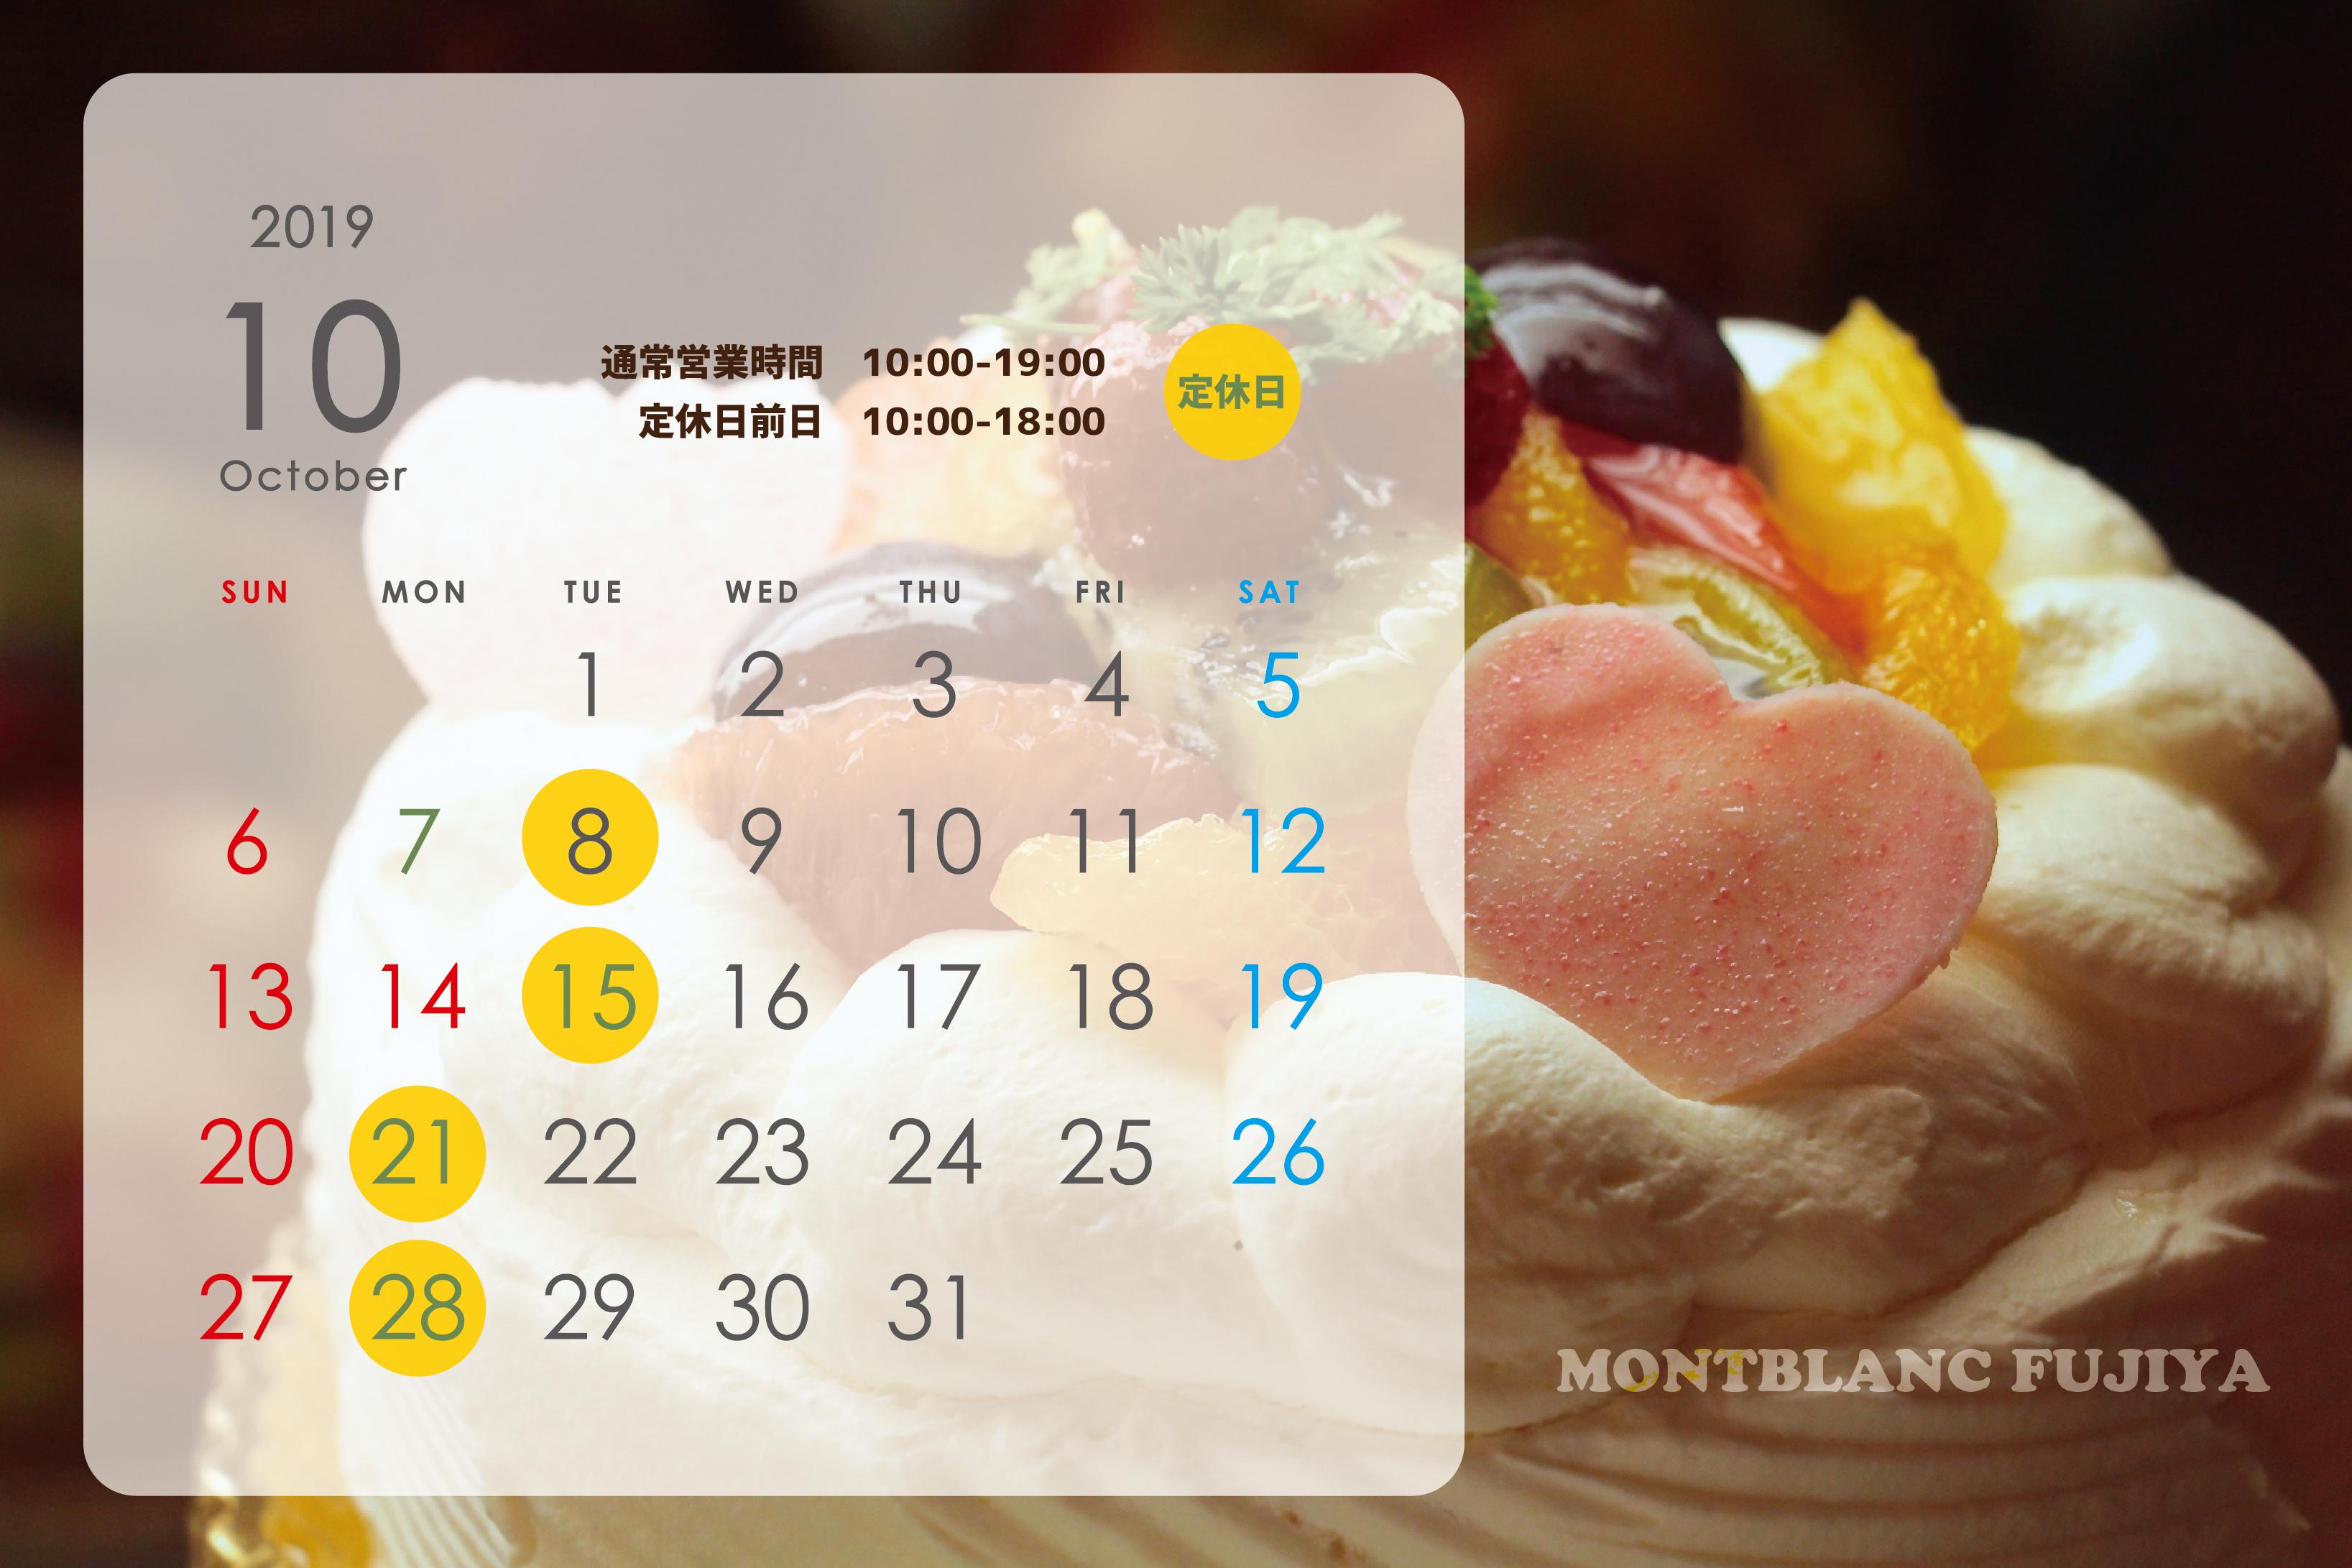 モンブランフジヤカレンダー10月